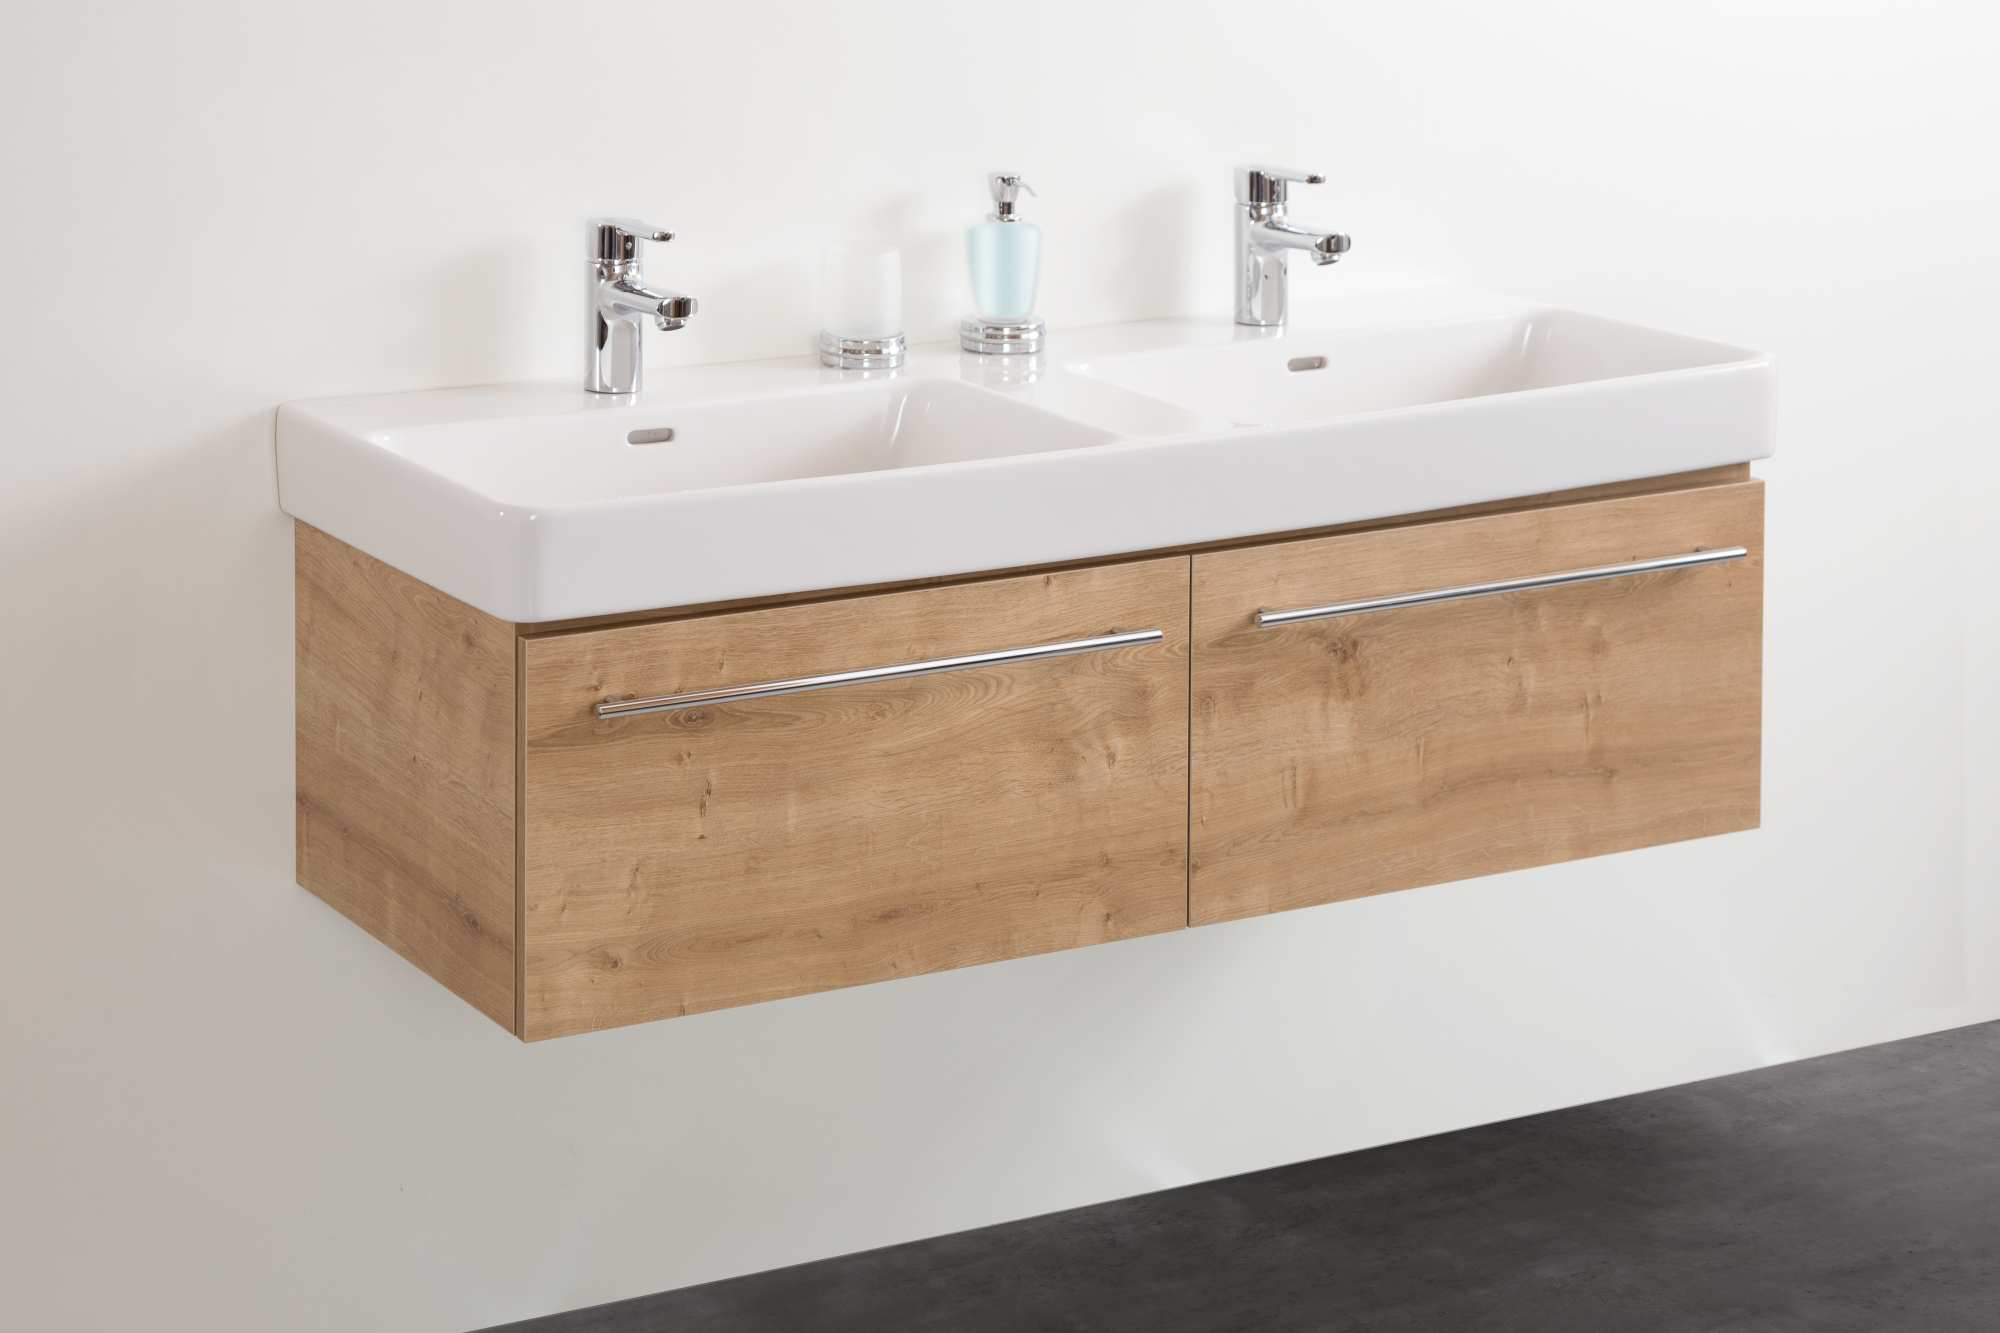 badm bel von froidevaux f r keramikwaschtische connect uno. Black Bedroom Furniture Sets. Home Design Ideas